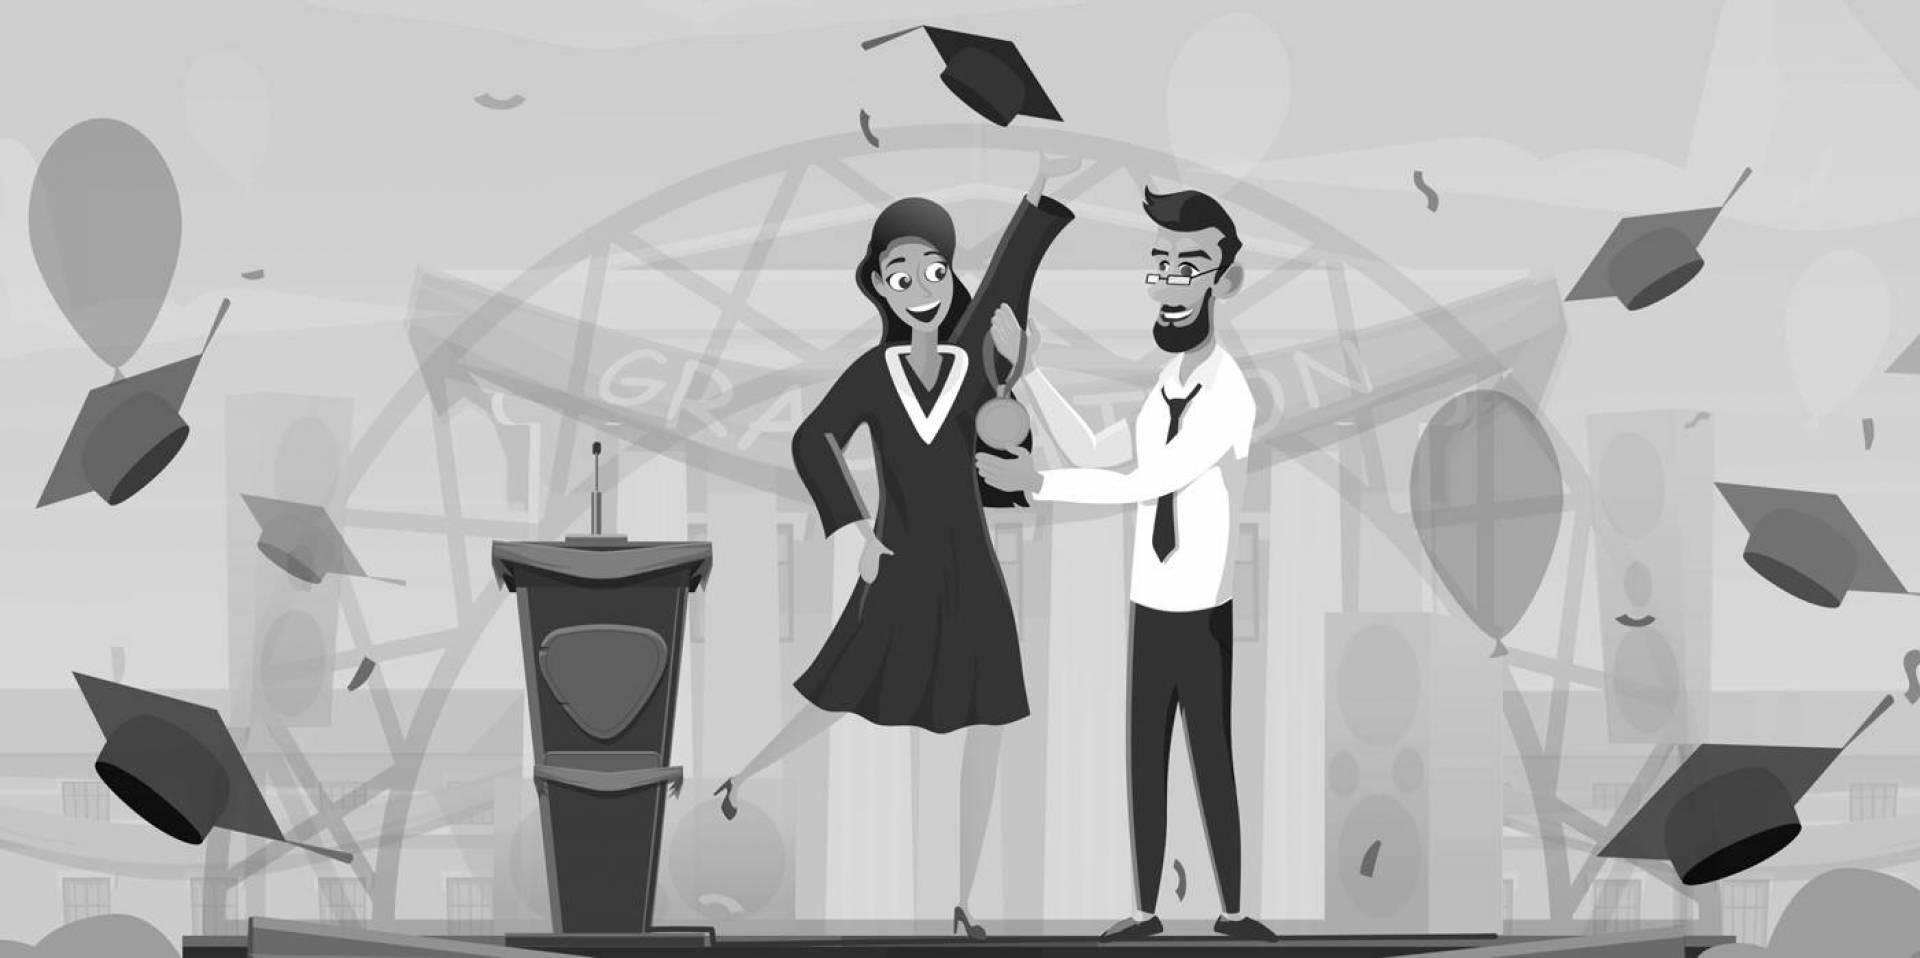 أفضل الجامعات التي أنجبت.. أنجح الرؤساء التنفيذيين